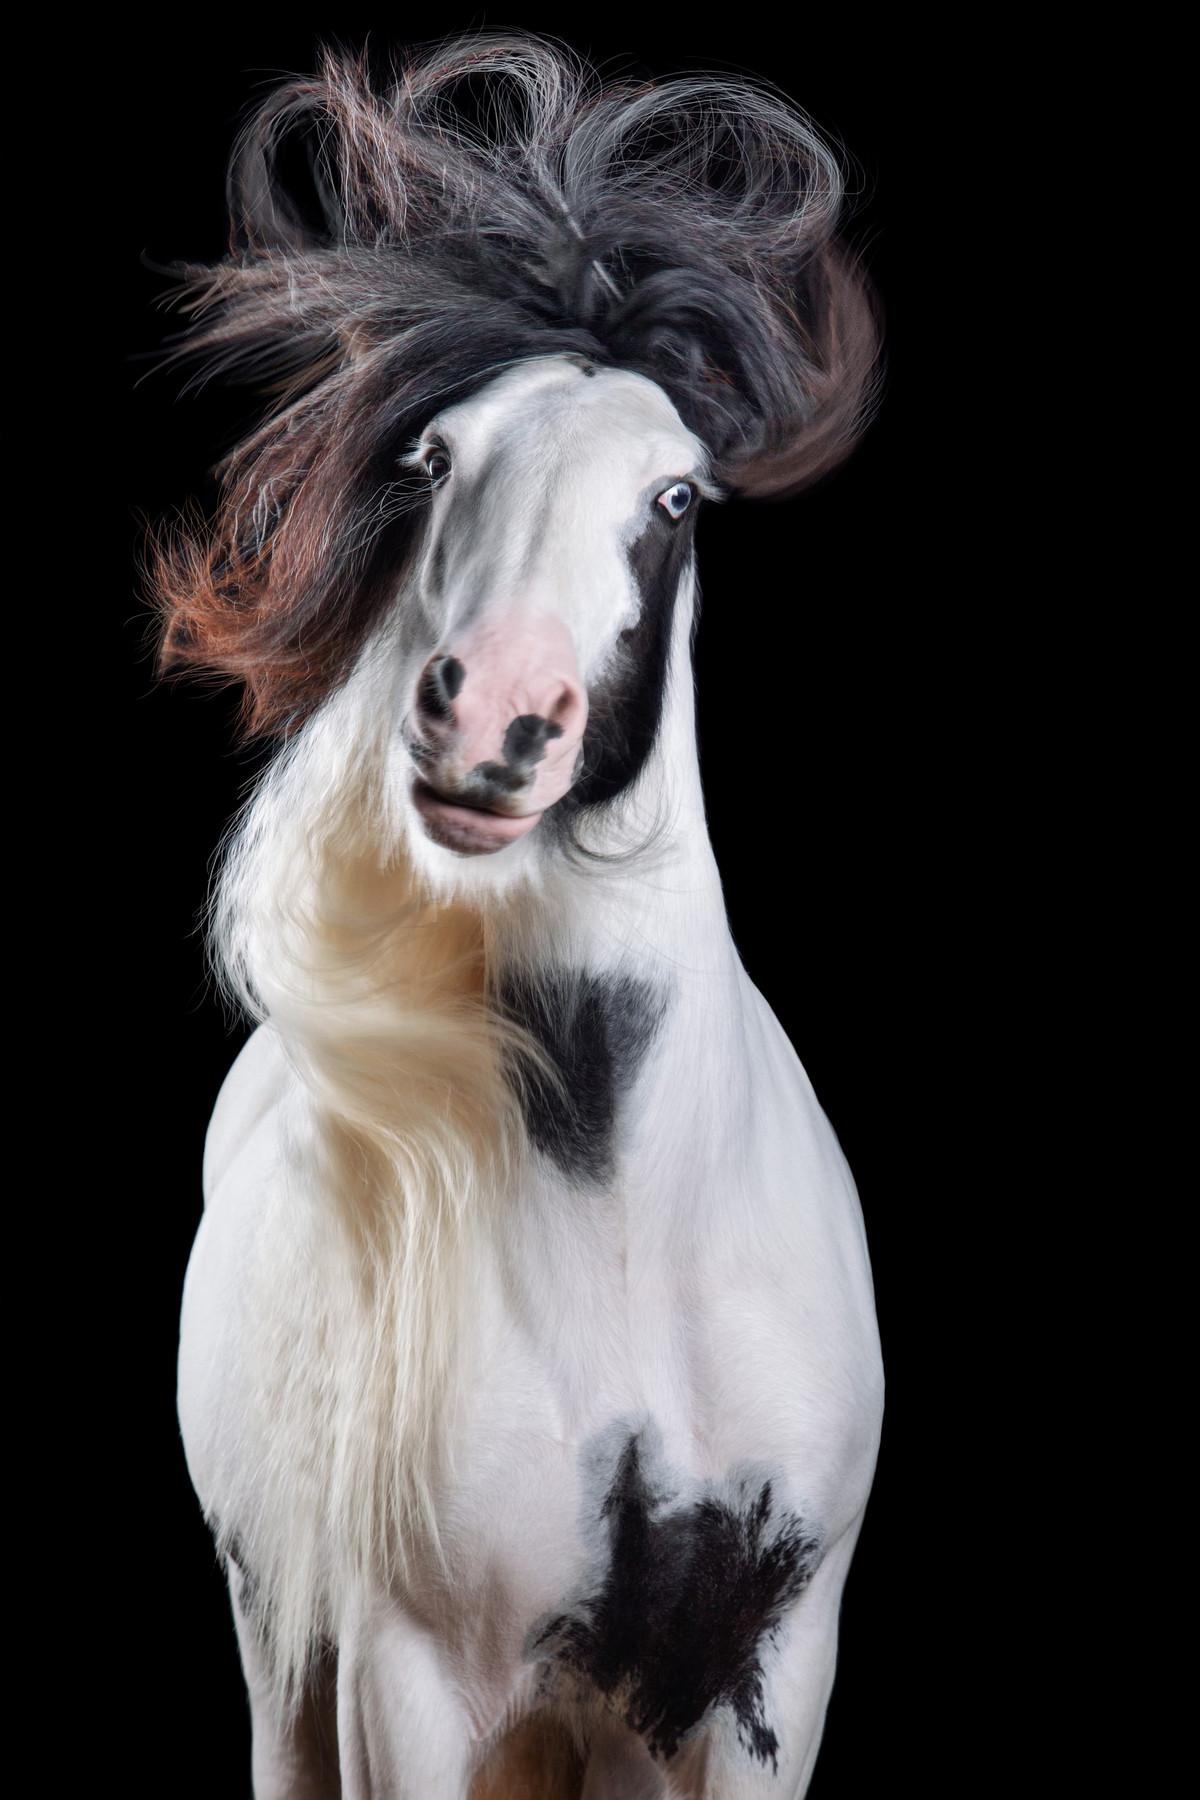 Притягательные гривы в фотографиях Вибке Хаас. Лошади, взмахивающие волосами 3